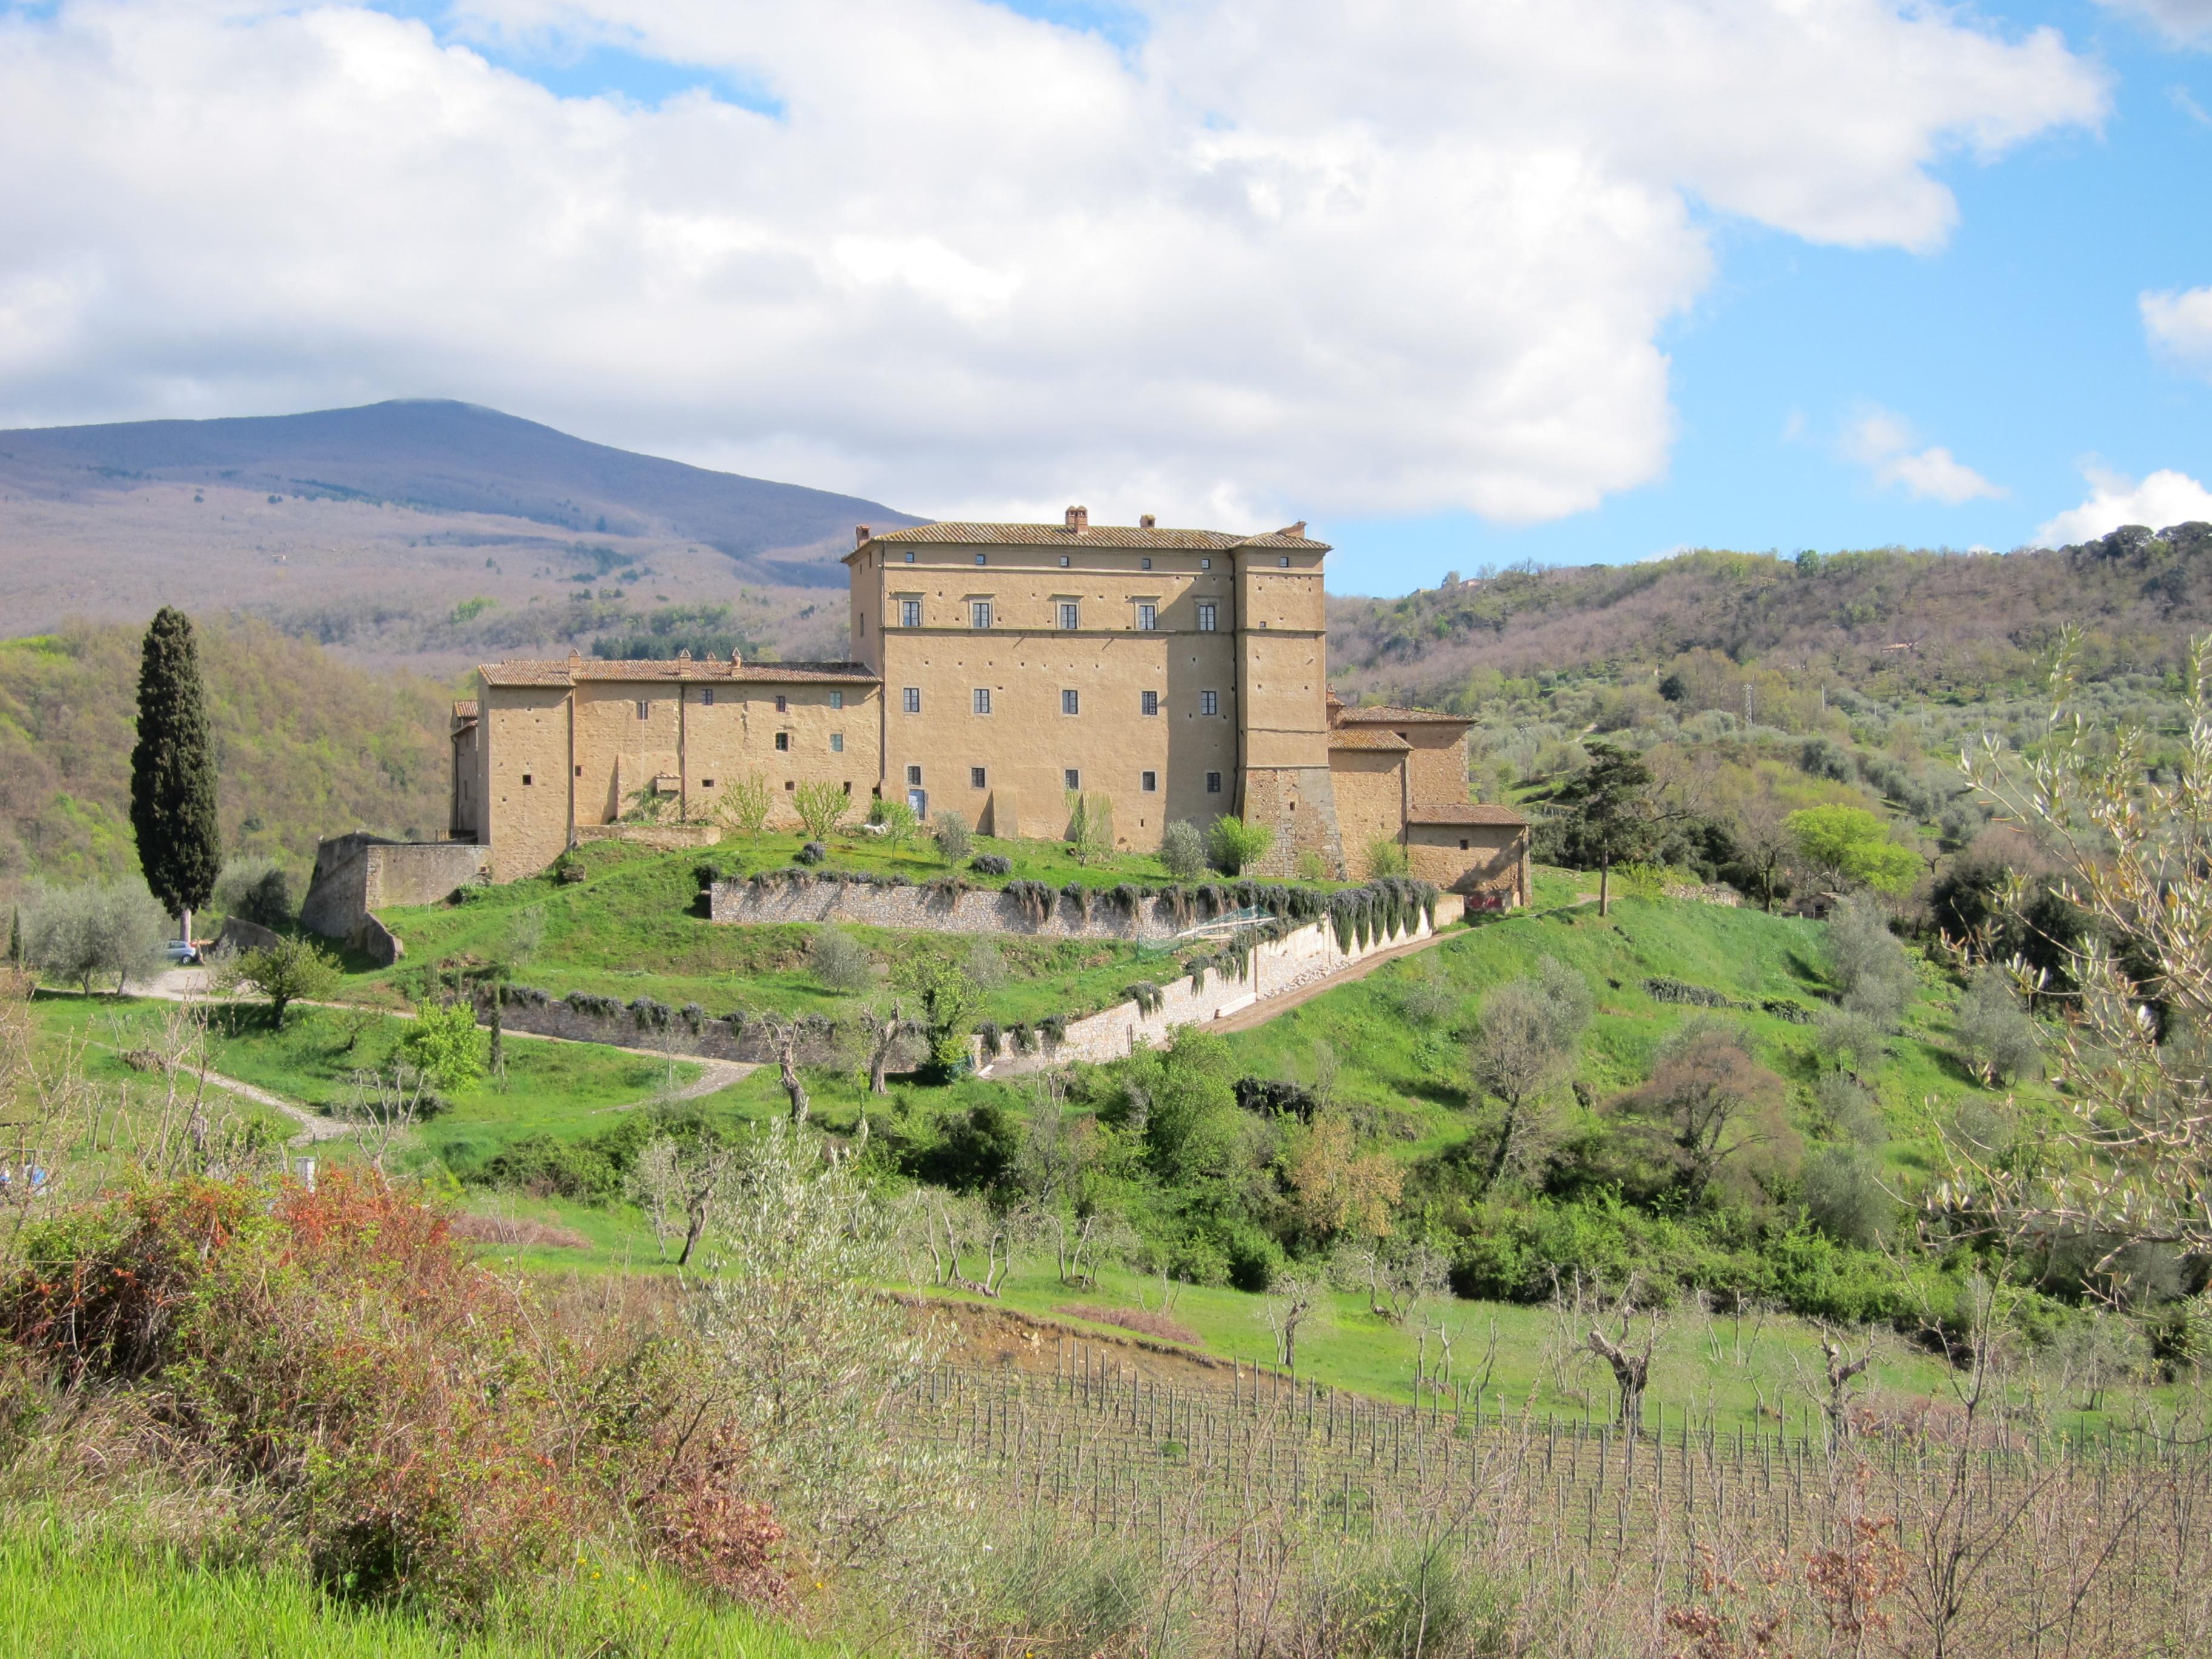 Castello del Potentino 01 - Apr 20, 2012.jpg